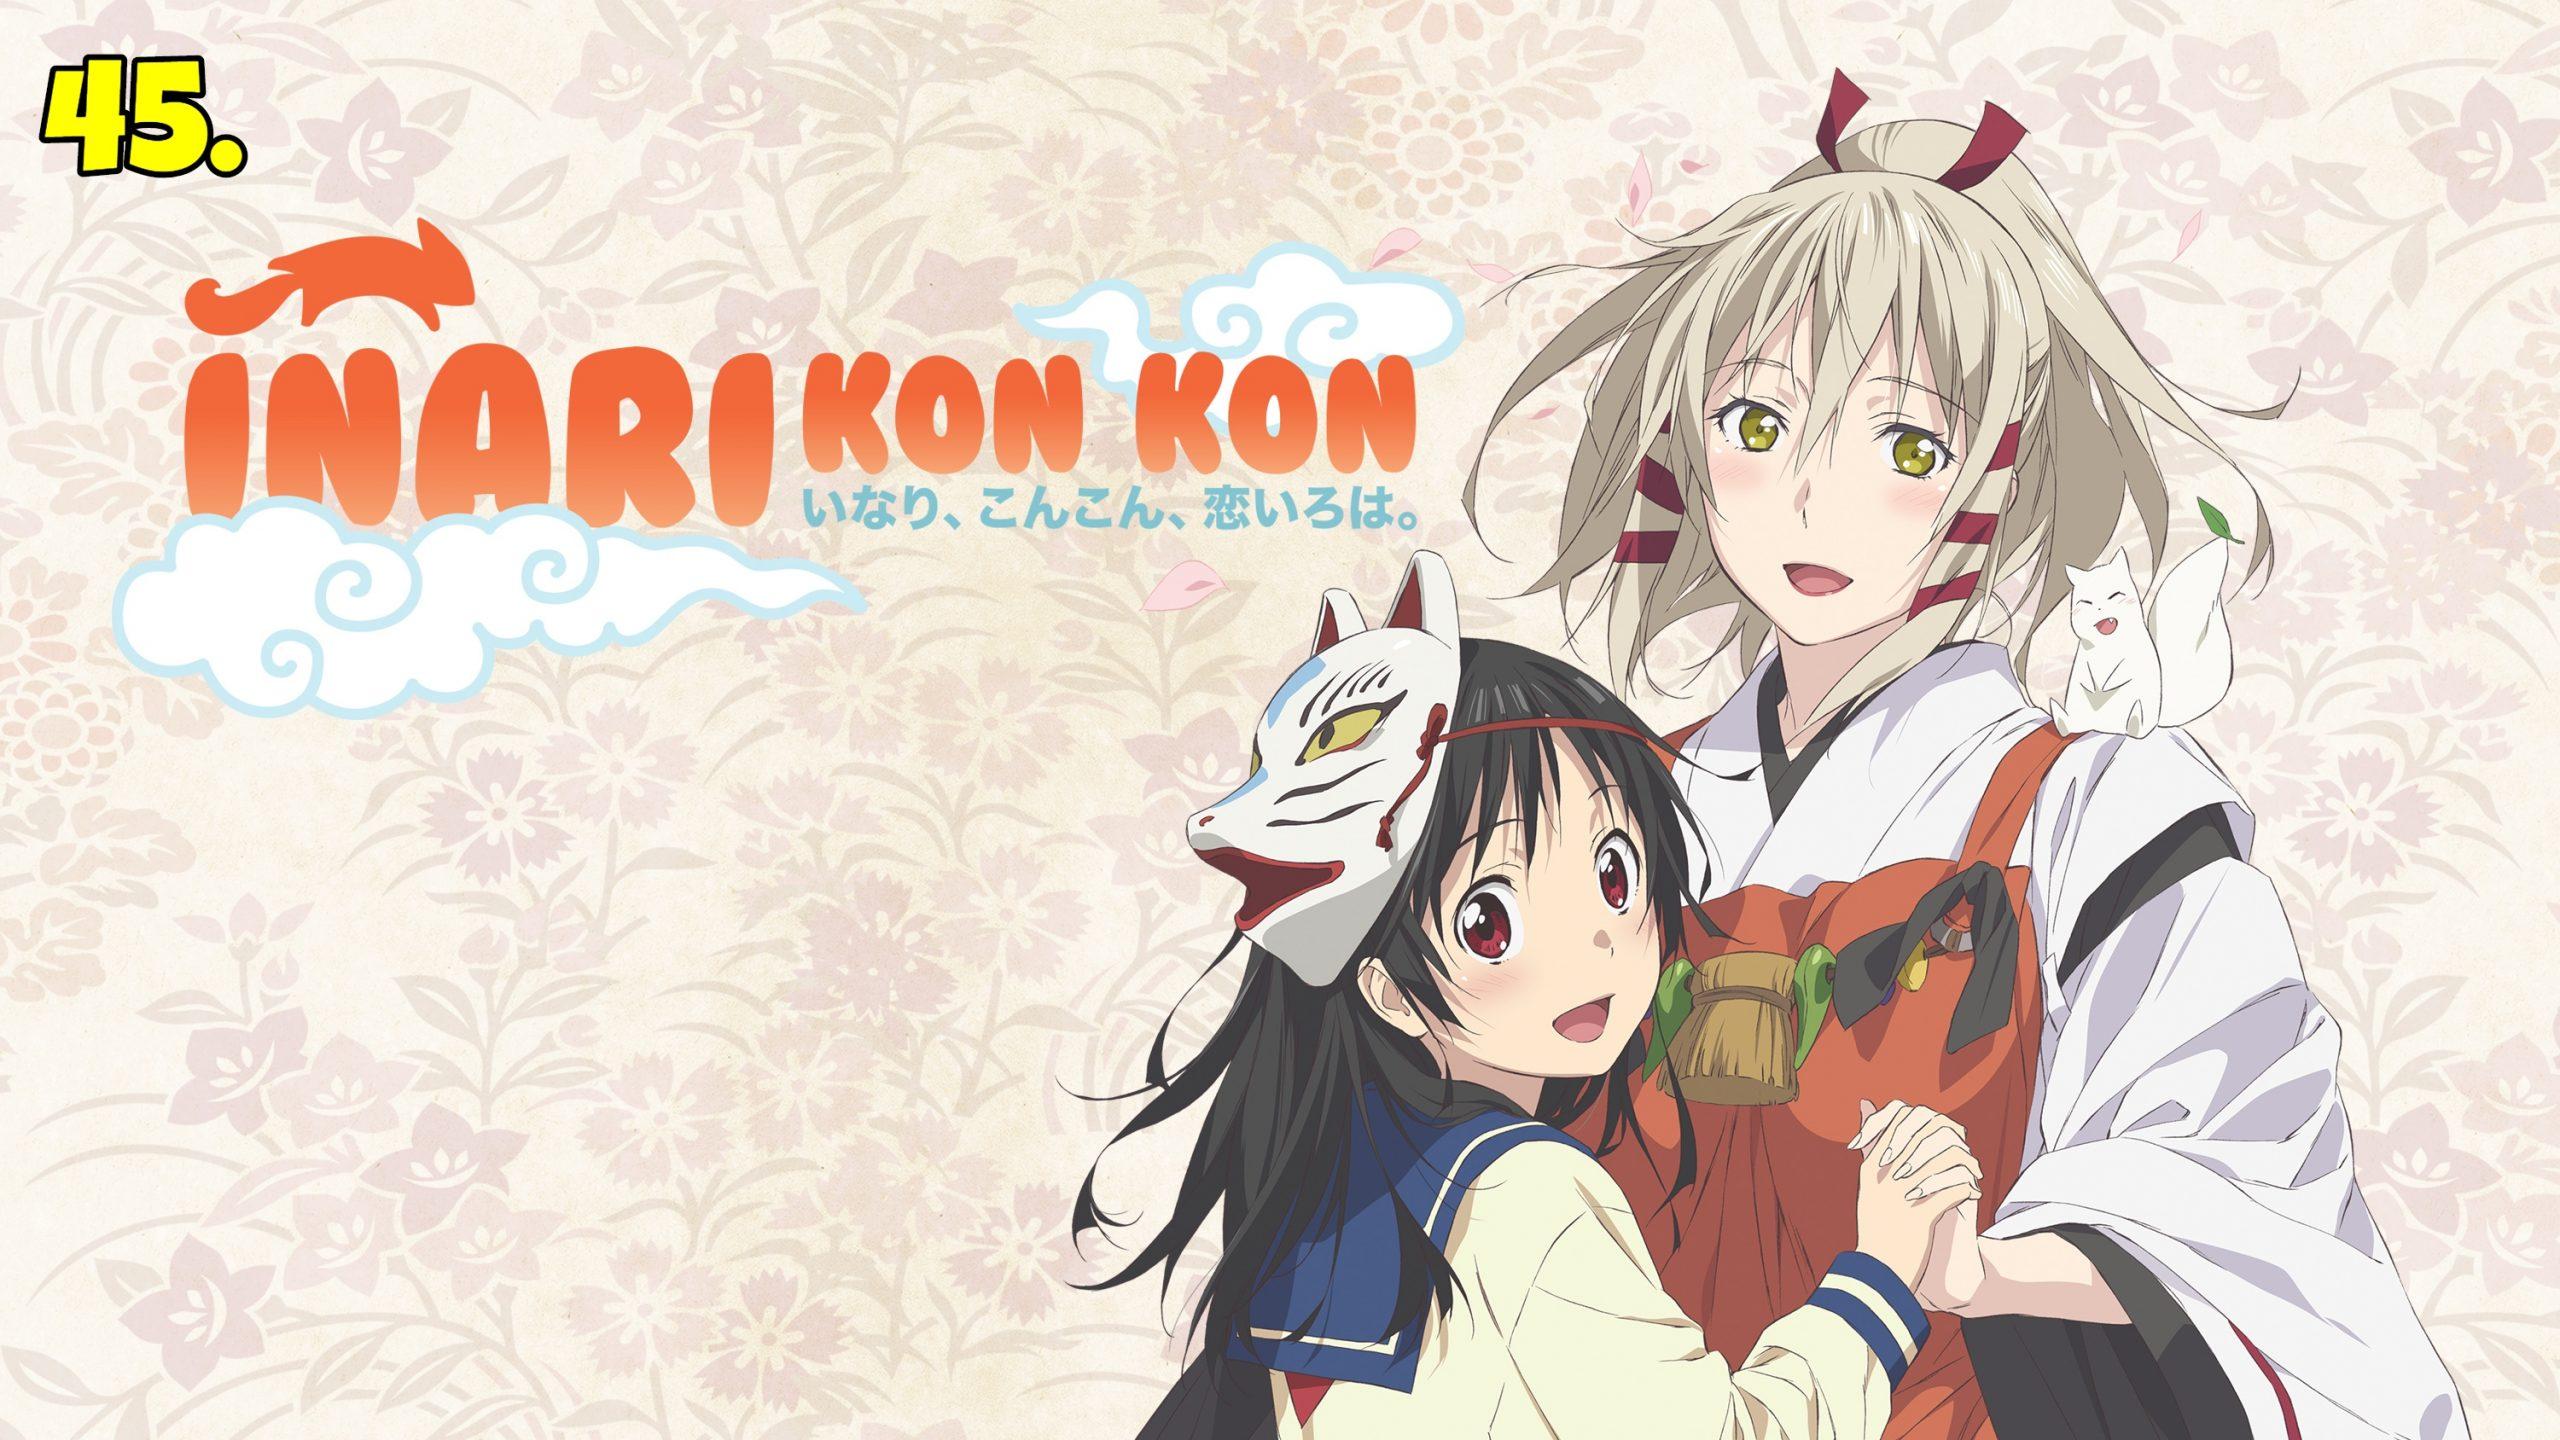 Inari KonKon